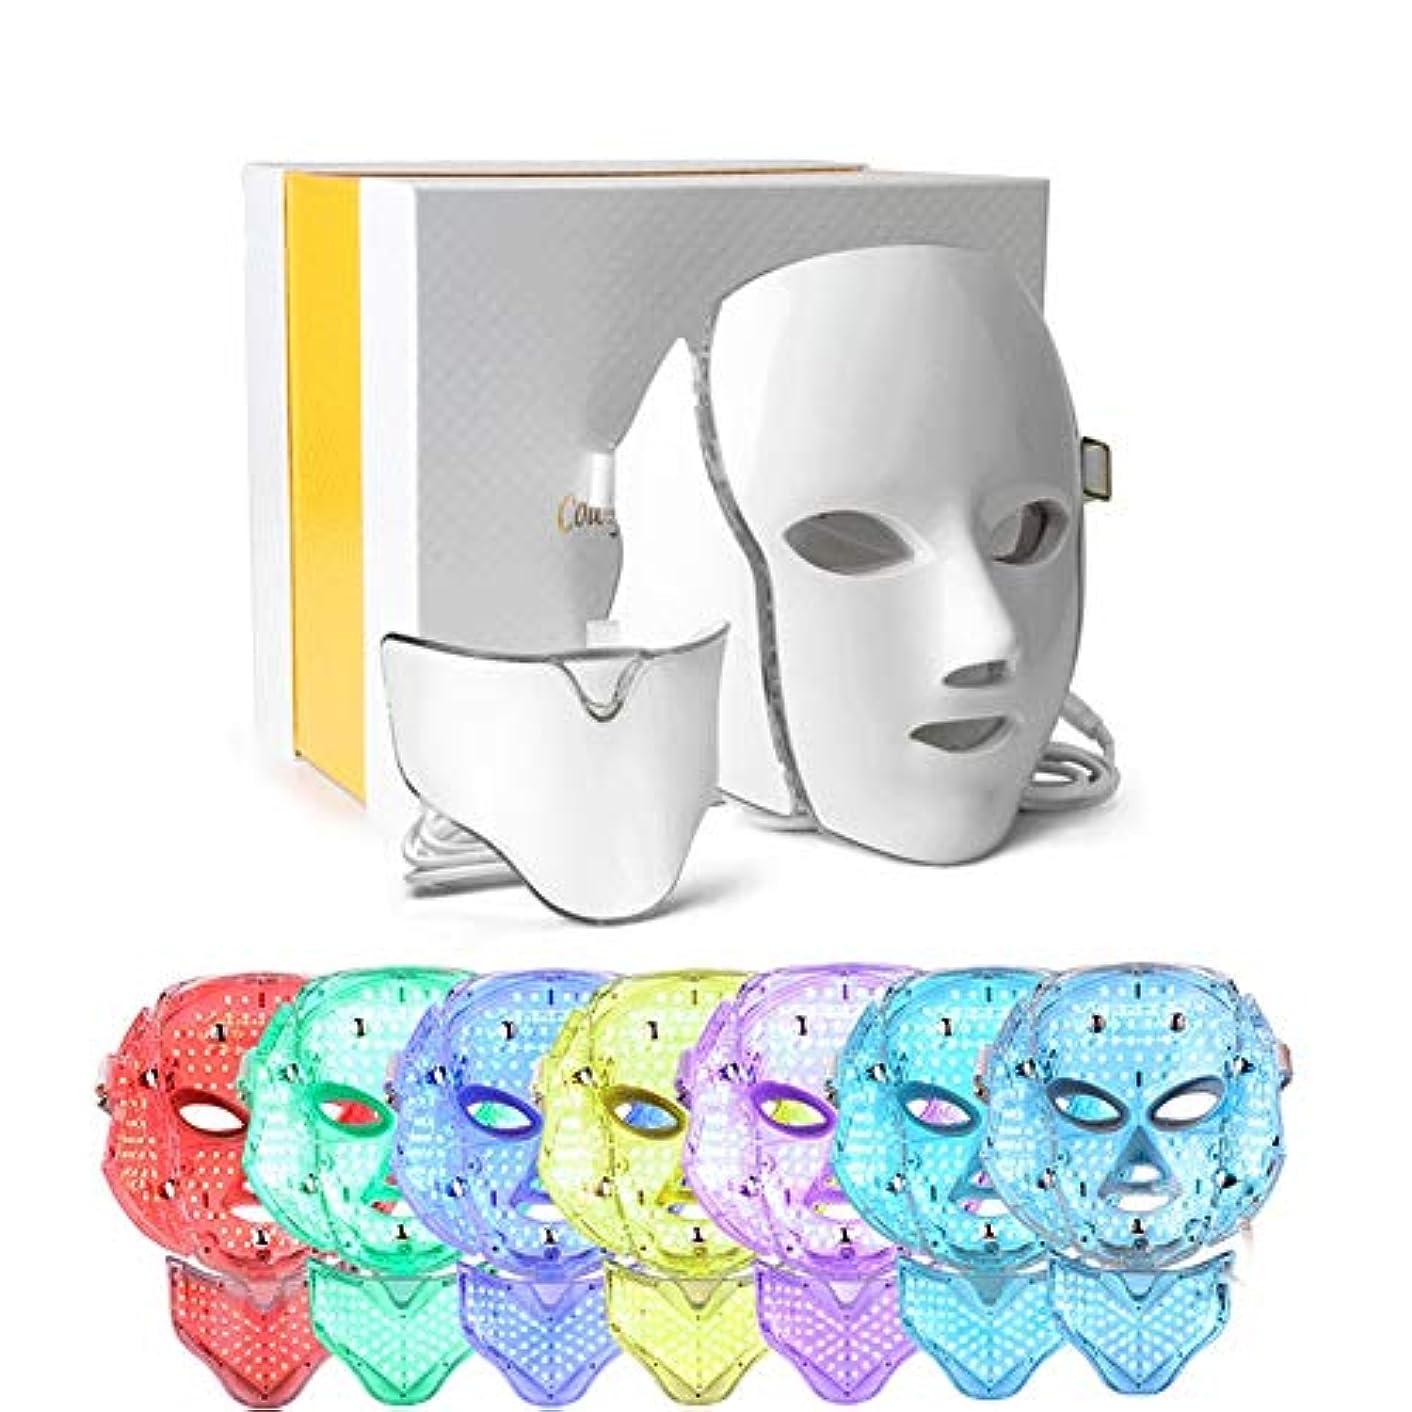 主観的試用であるLEDフォトンセラピー7色光美容光療法治療マスクスキン若返りフェイスマスクPDT、フェイスネックアンチリンクルアクネ除去美容フェイシャルケア